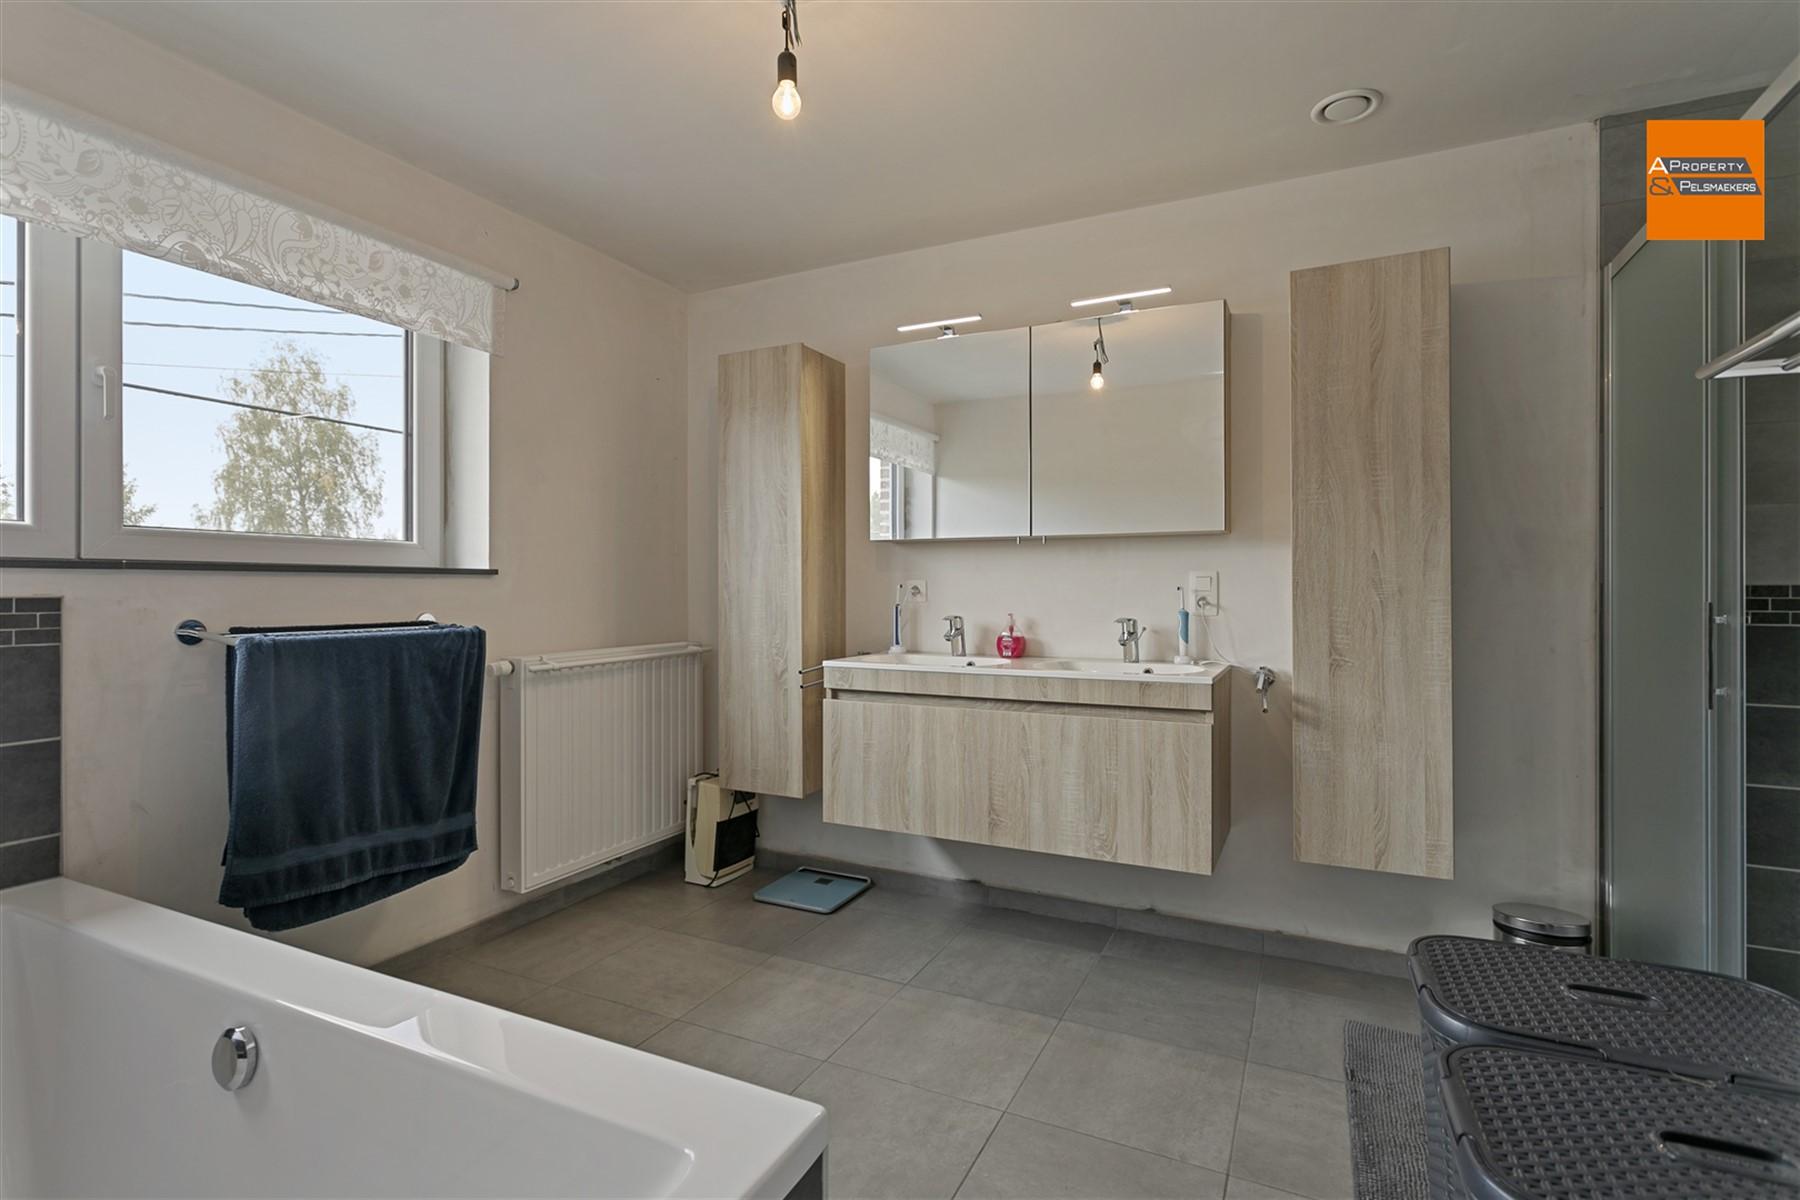 Foto 20 : Huis in 3071 ERPS-KWERPS (België) - Prijs € 650.000